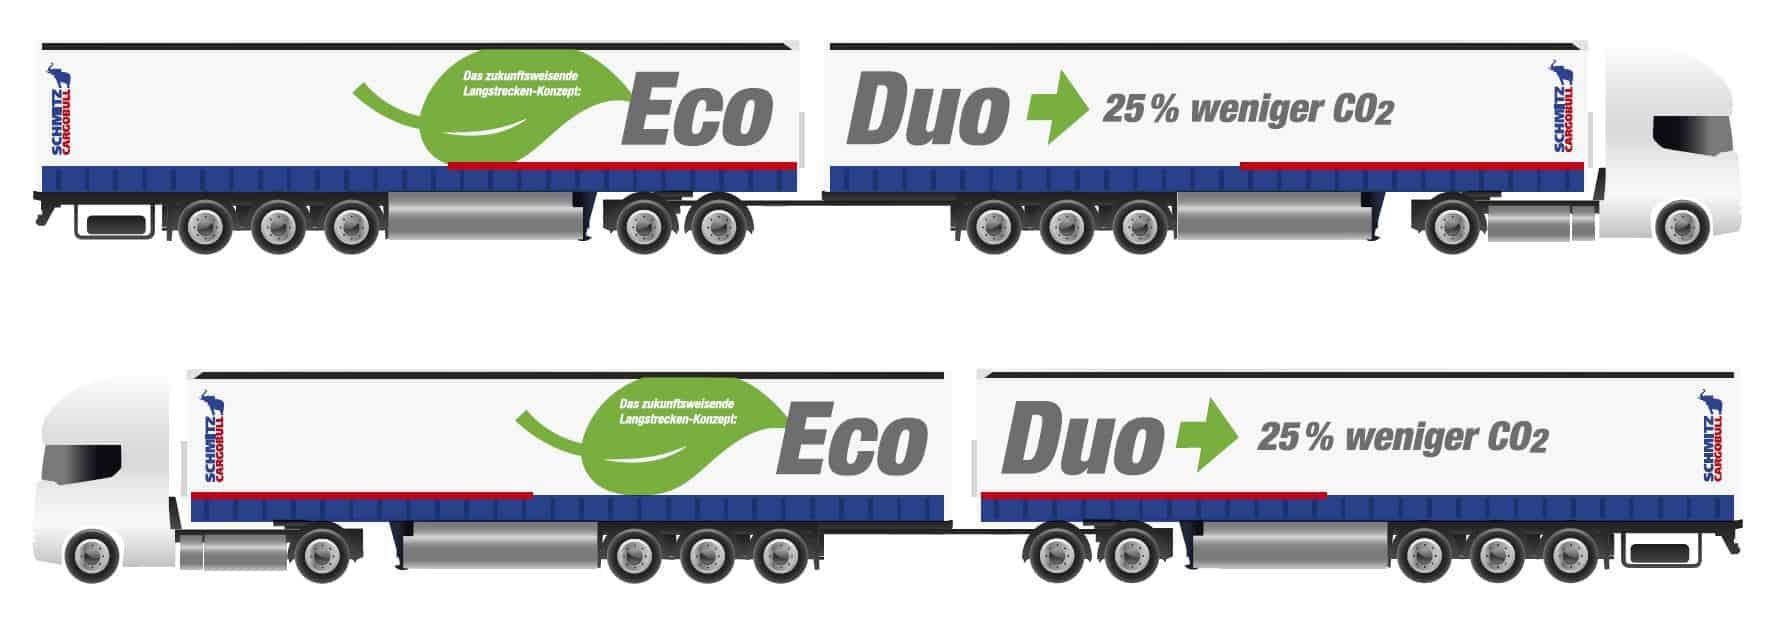 Conceptul EcoDuo al Schmitz Cargobull - combinație flexibilă de remorci pentru un transport eficient și ecologic